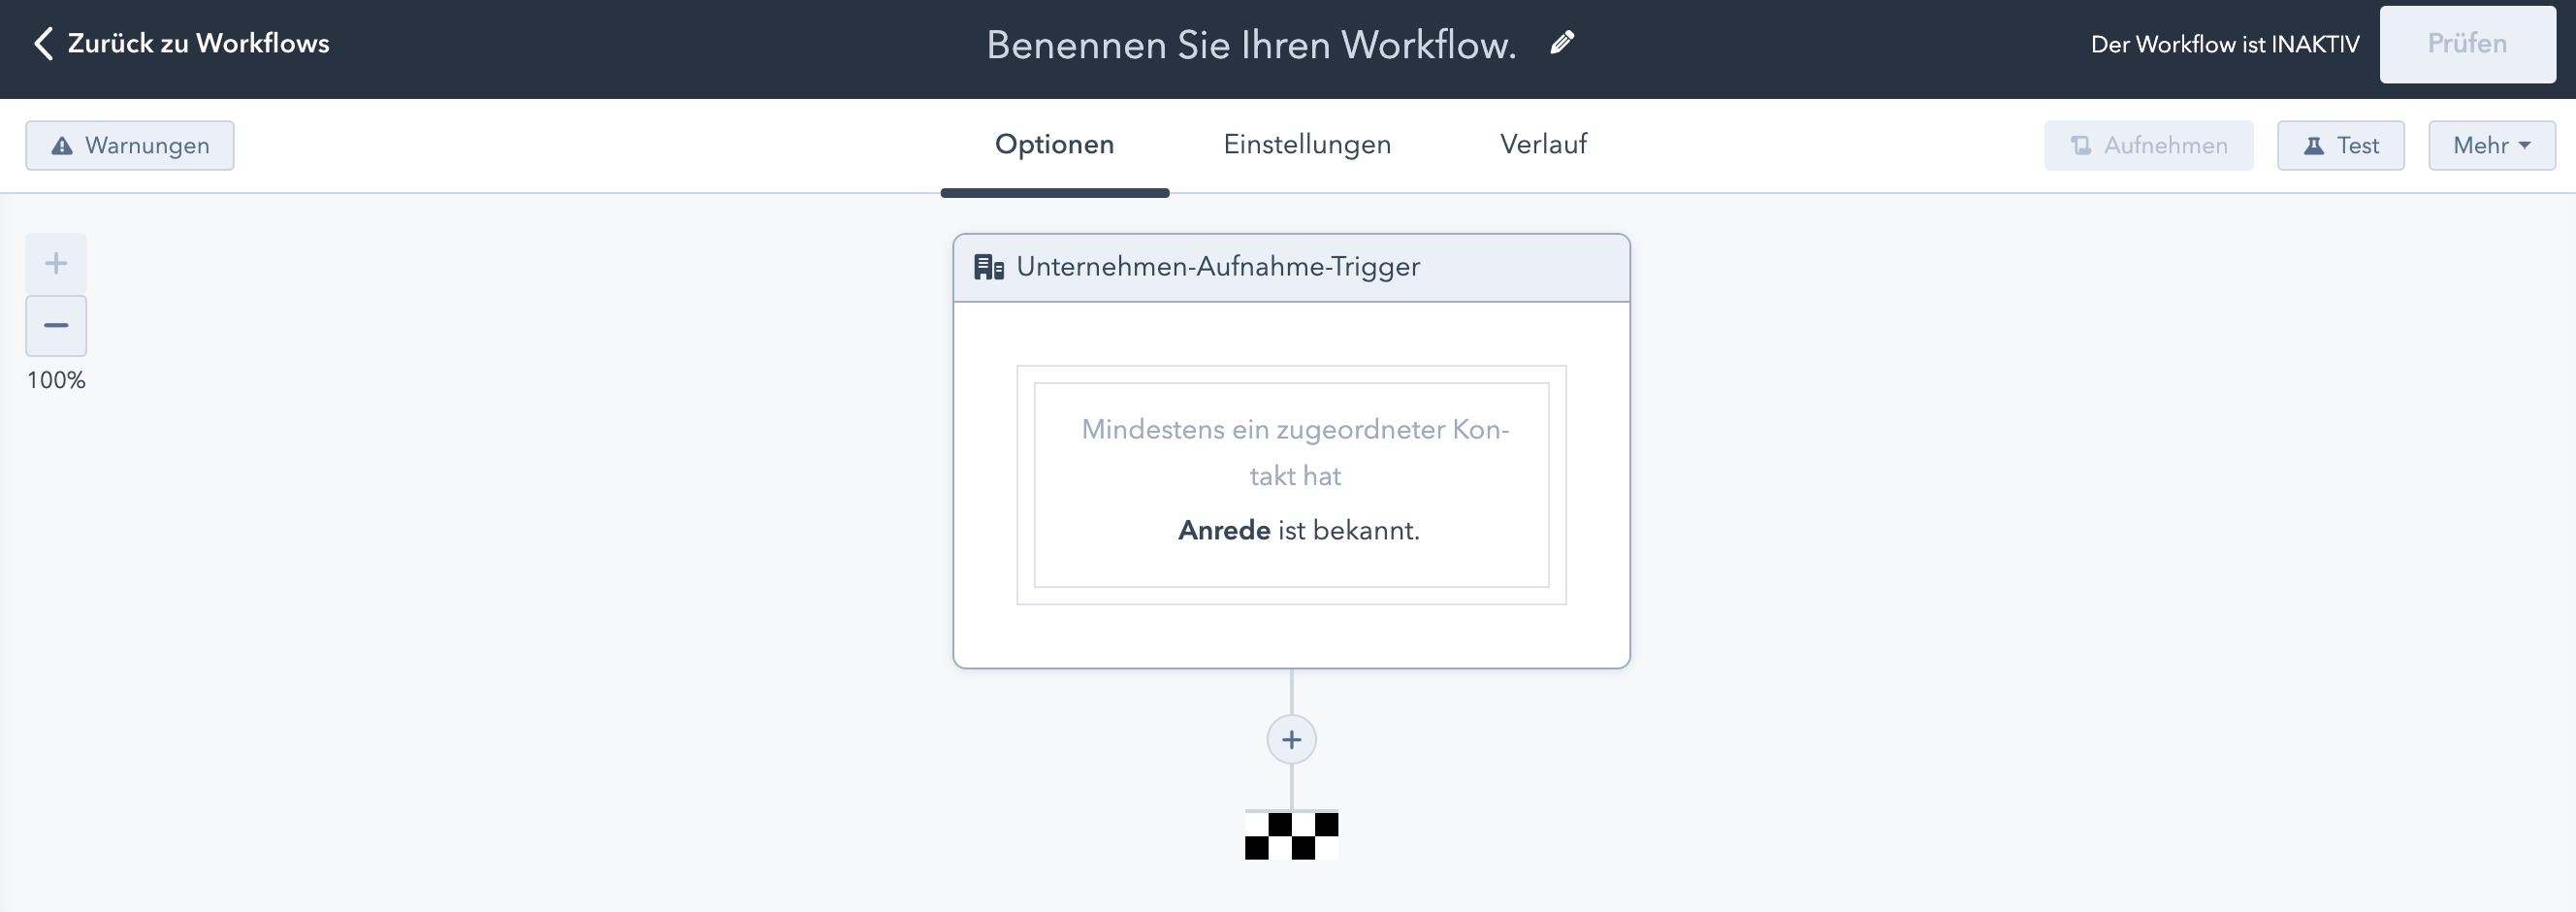 Jetzt doppelt so viele Workflows in Enterprise